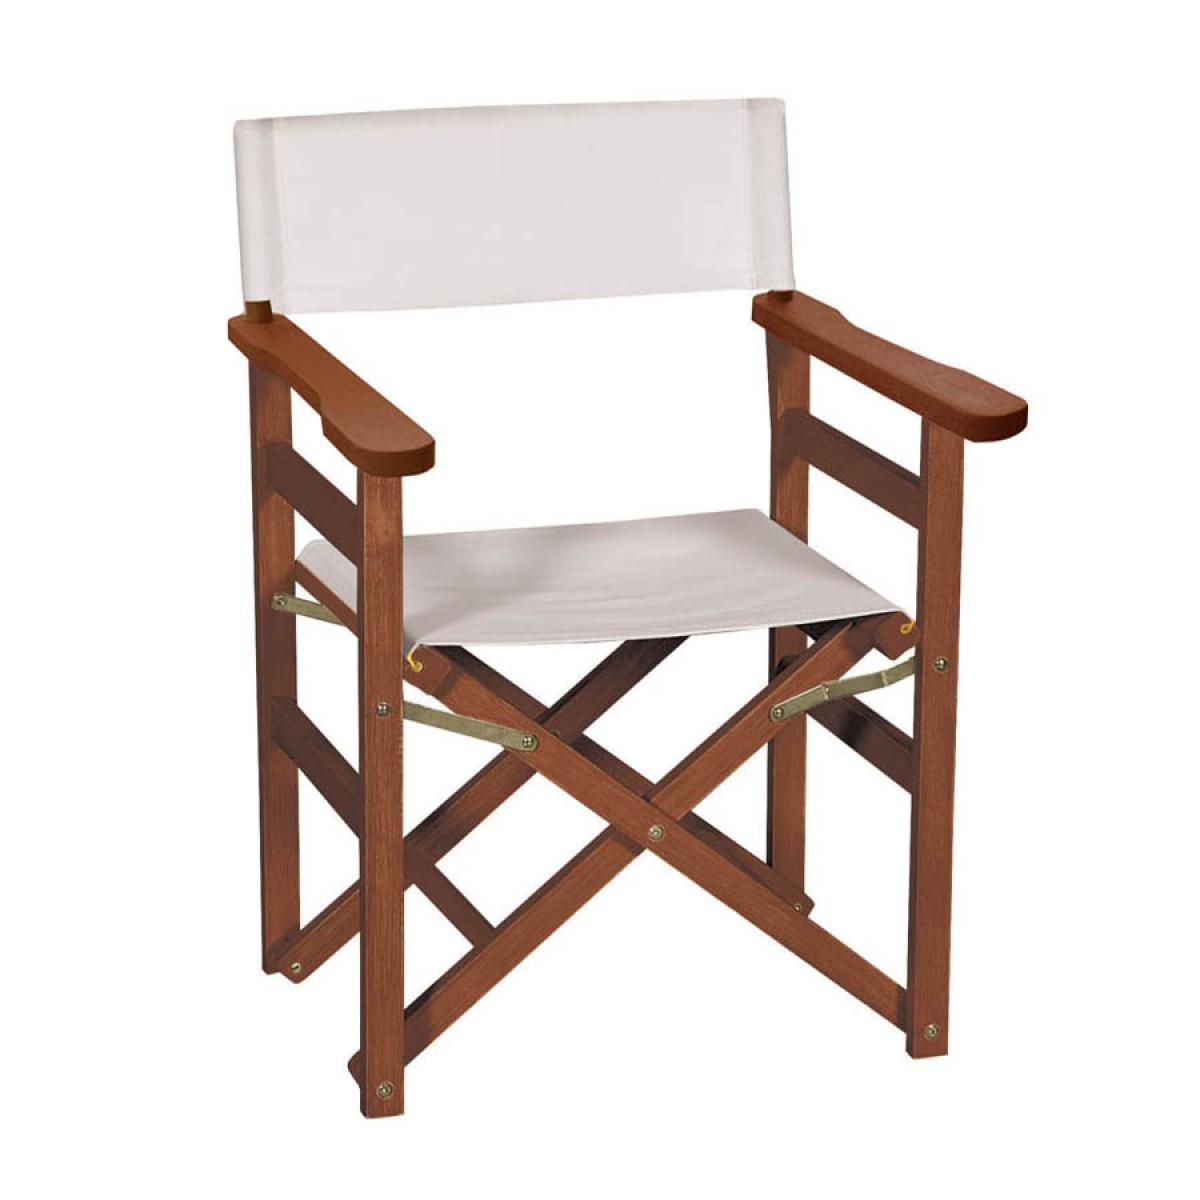 καρεκλες σκηνοθετη λευκο χρωμα